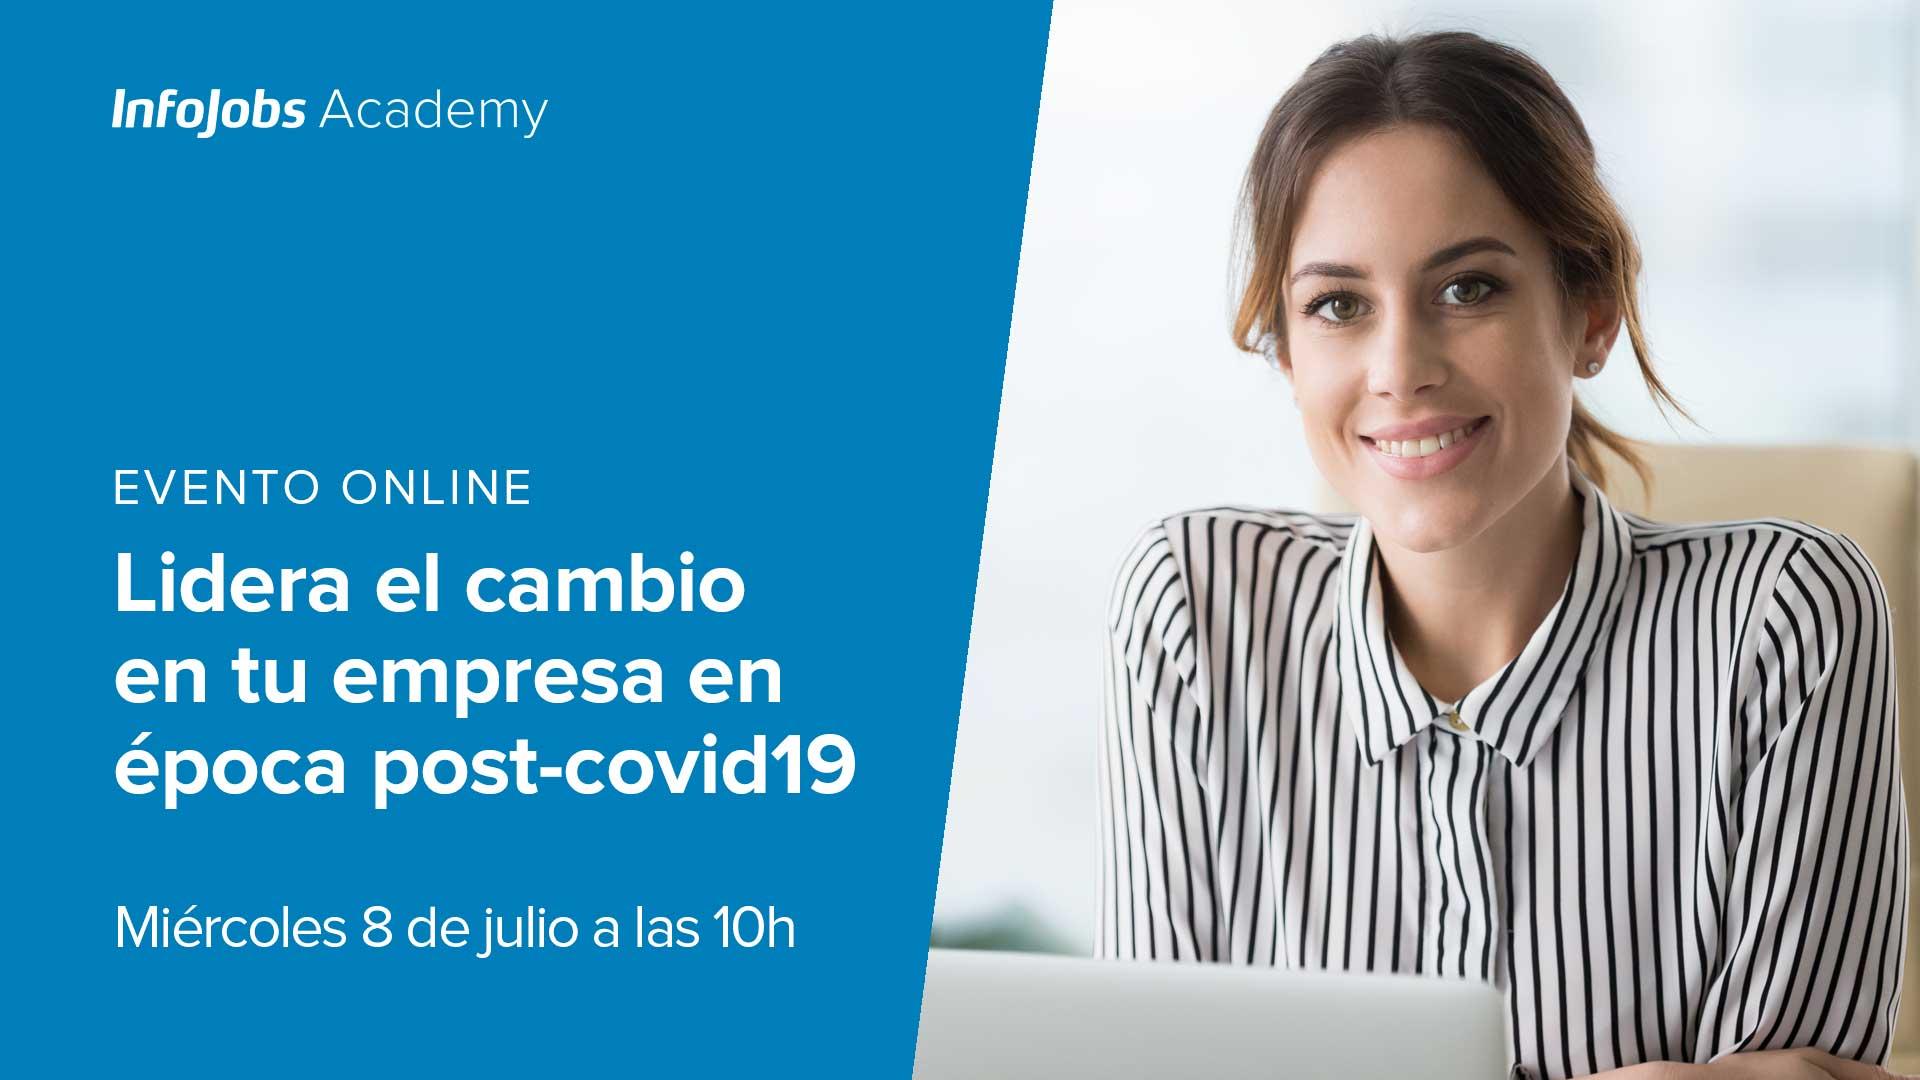 evento-online-infojobs-academy-galicia